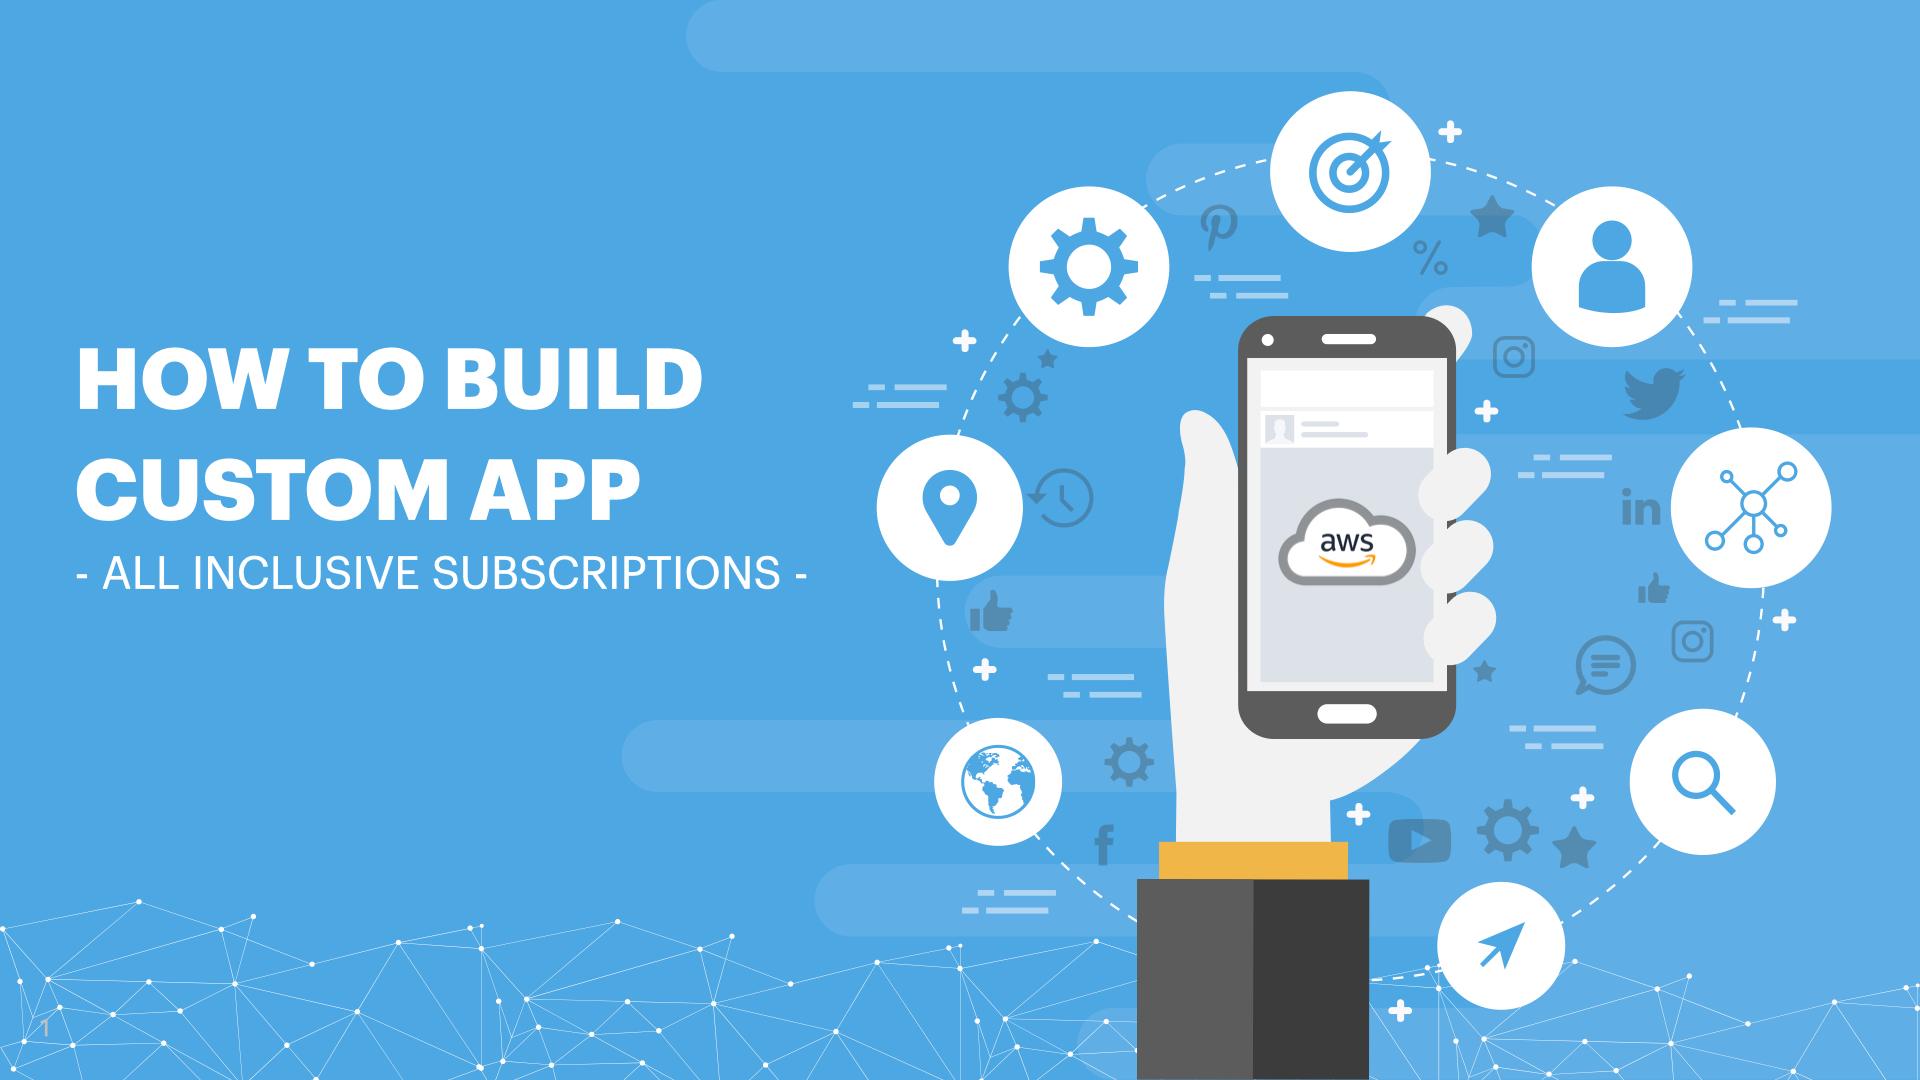 aws cloud app development